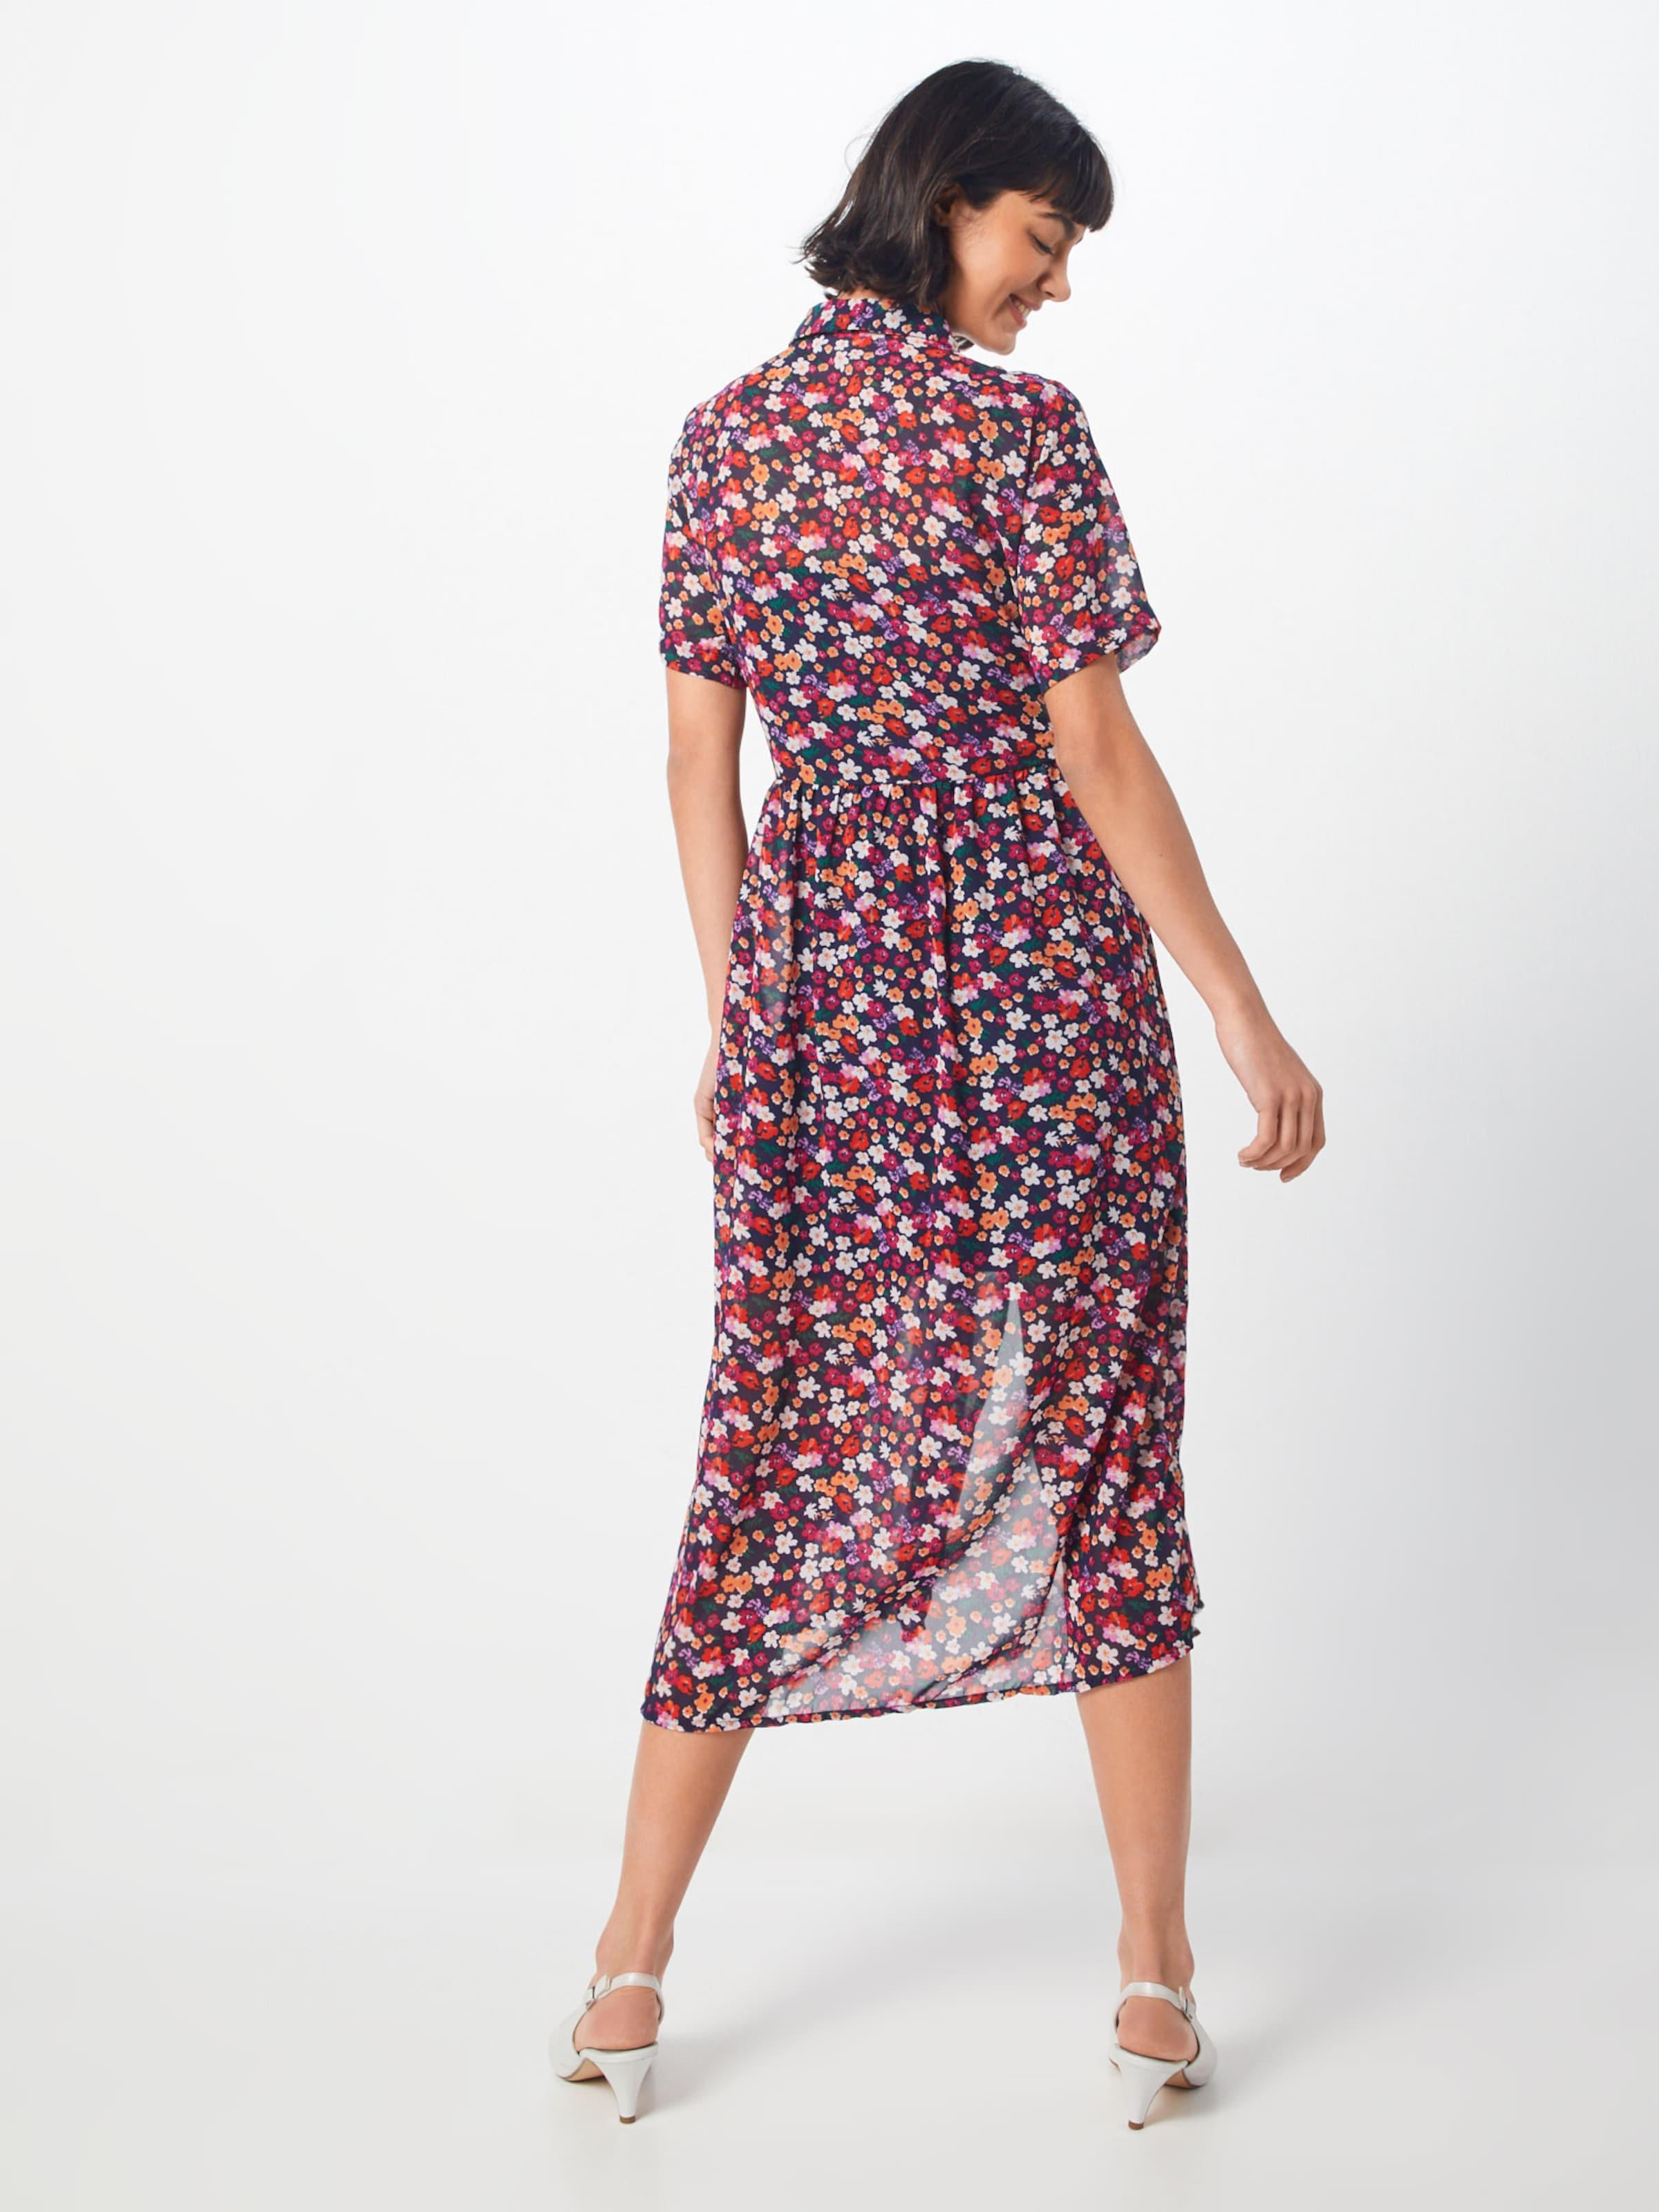 Ichi Kleid 'ixgrace In Dr2' Mischfarben bf6yYgv7